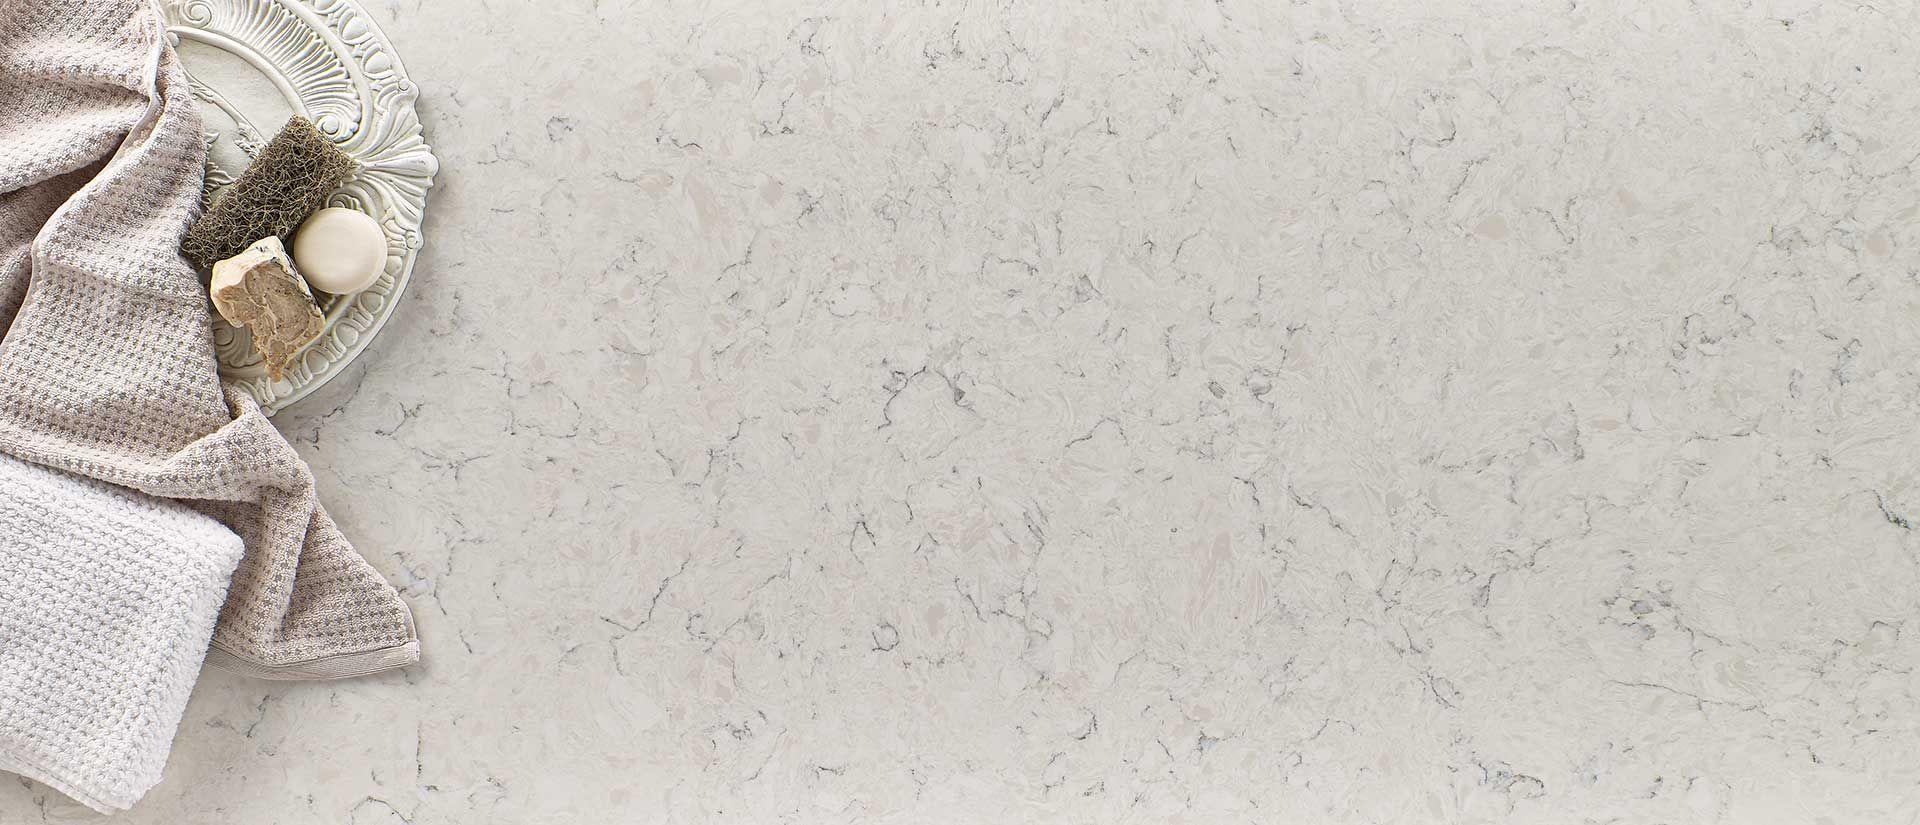 Carrara Mist Cream Quartz Countertops Q Premium Natural Quartz Quartz Countertops Carrara Quartz Kitchen Countertops